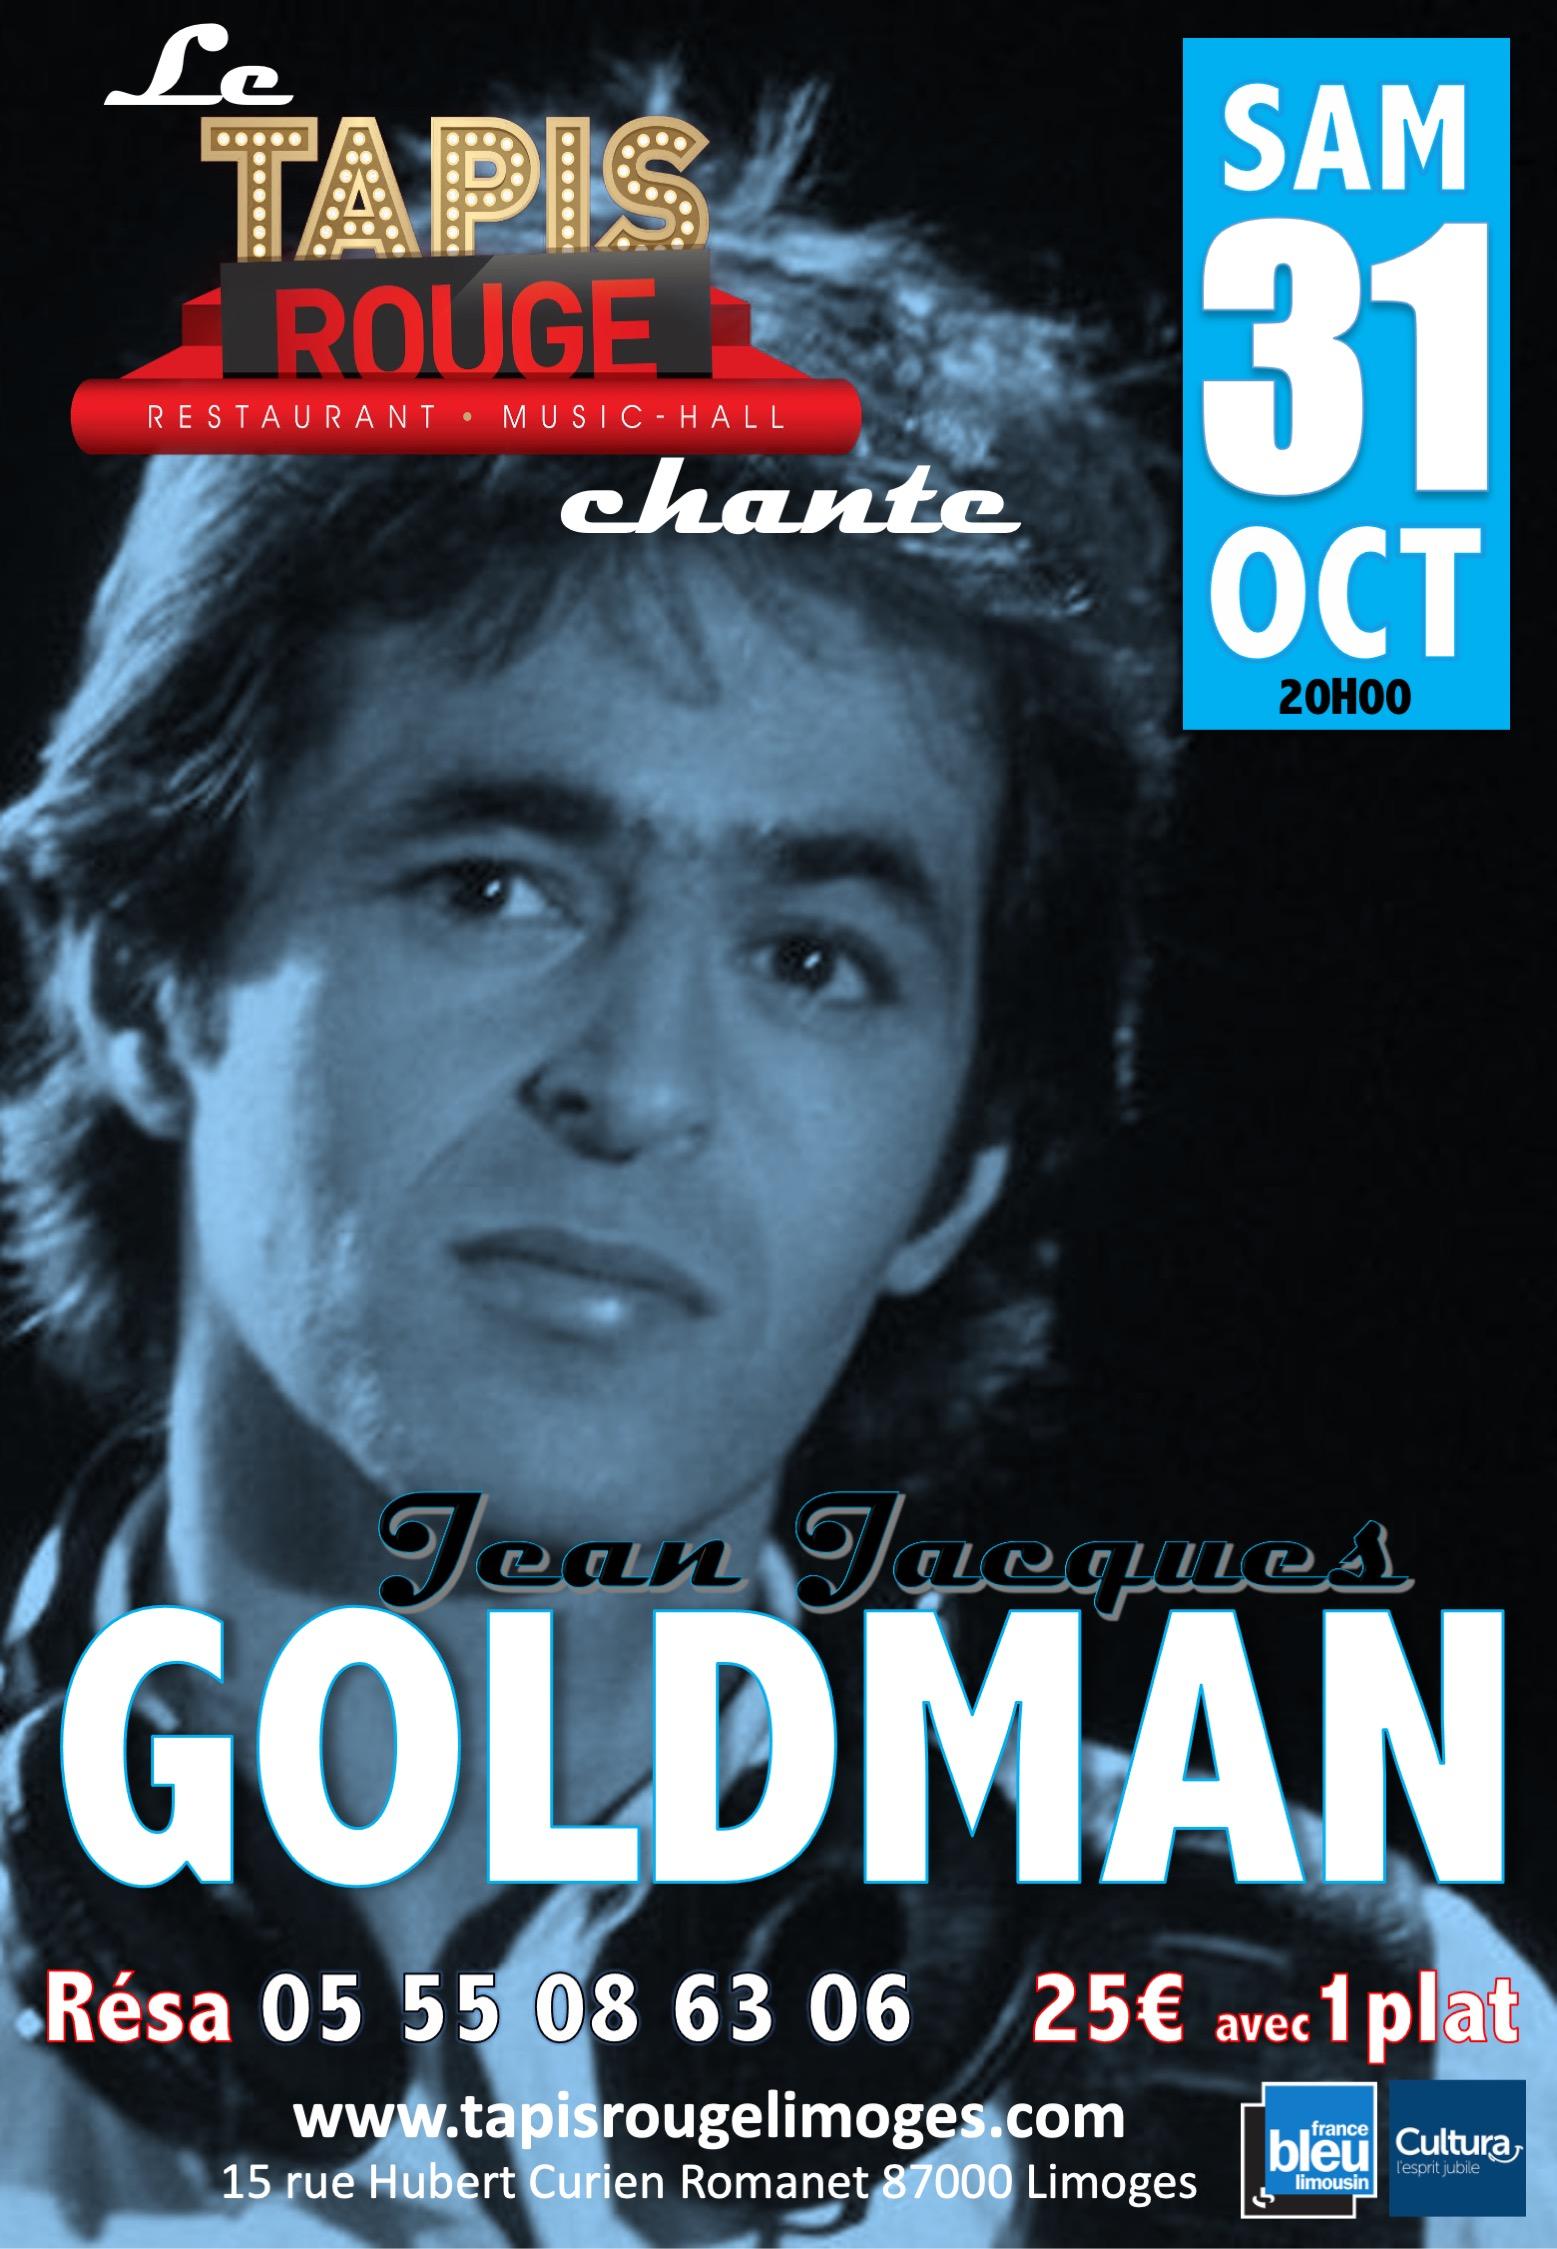 AFFICHE GOLDMAN